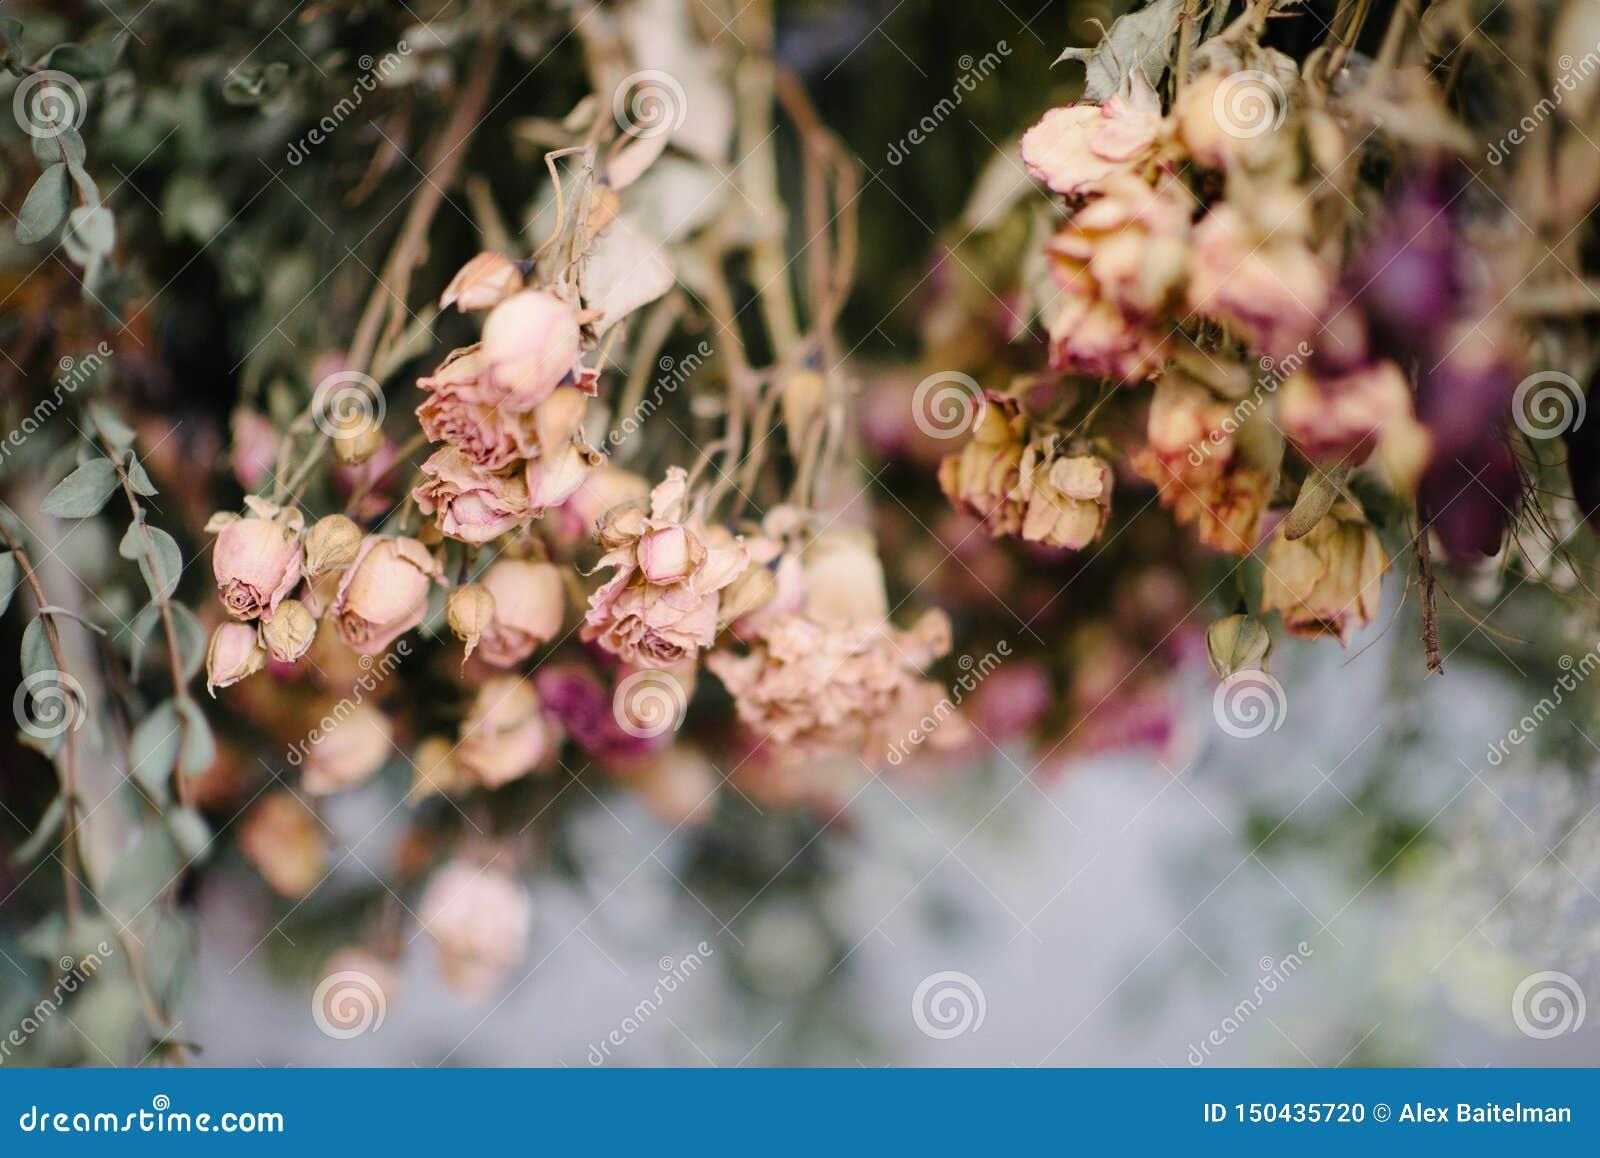 Het droge herbarium van bloemen sluit omhoog Het herbarium van bloemen sluit omhoog